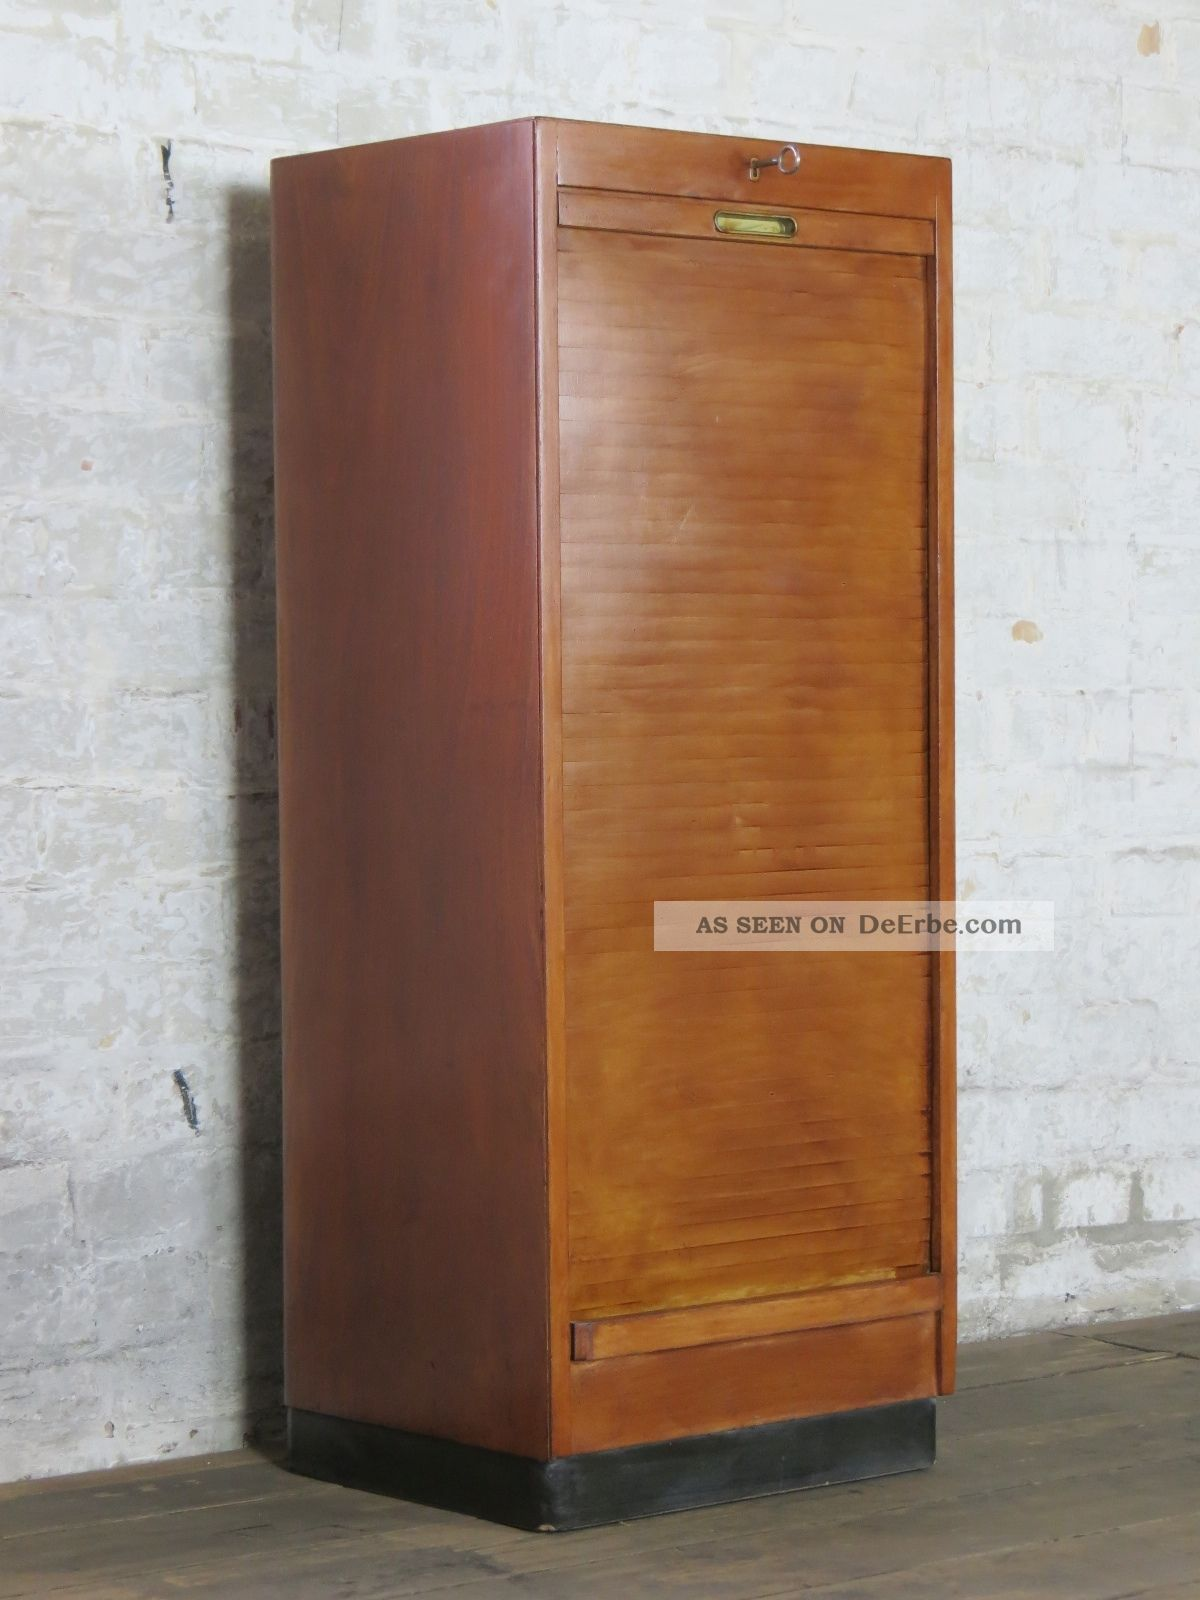 100 Rolladen Schrank Art Deco Schrank Rolladenschrank